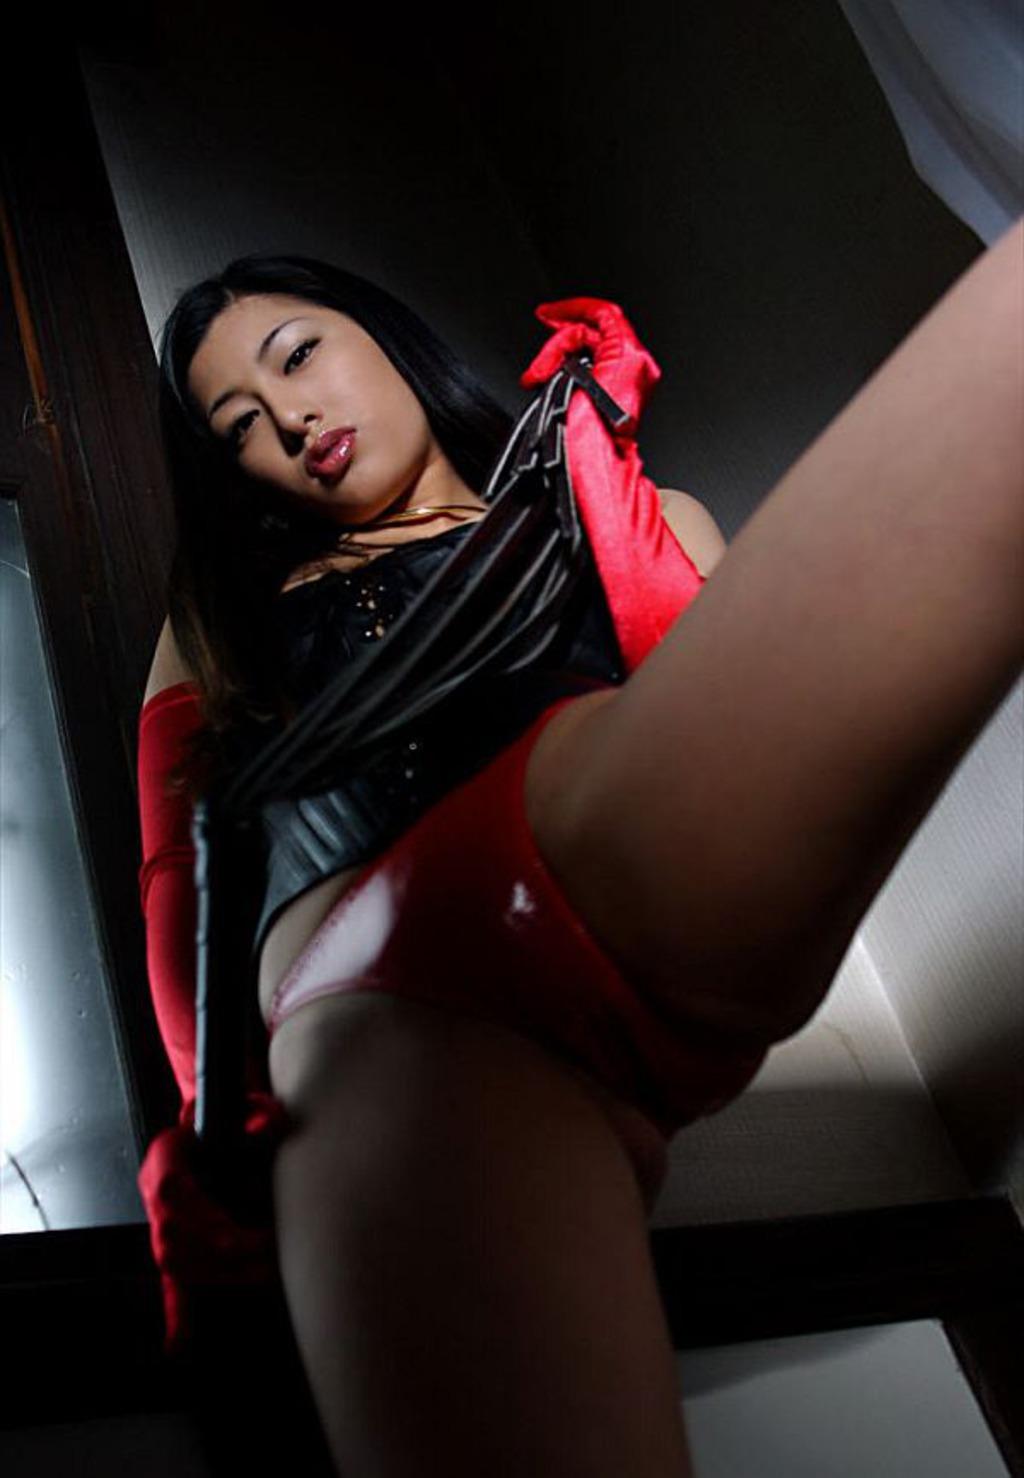 http://content9.babeuniversum.com/idols69.com/0273/02.jpg